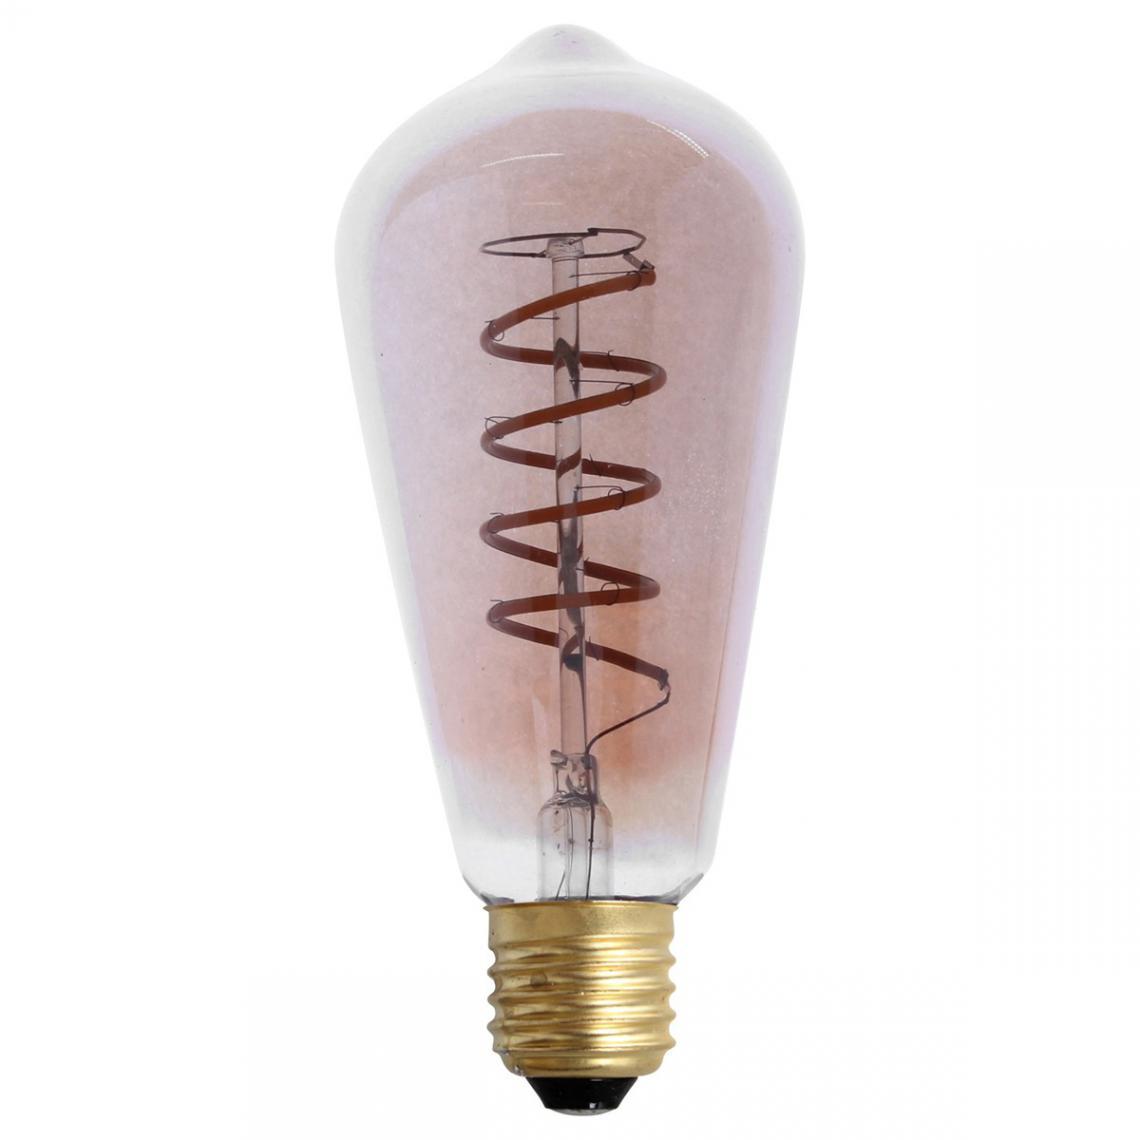 Promo : Ampoule LED Rétro Verre Ambré 4W Dimmable TONNY